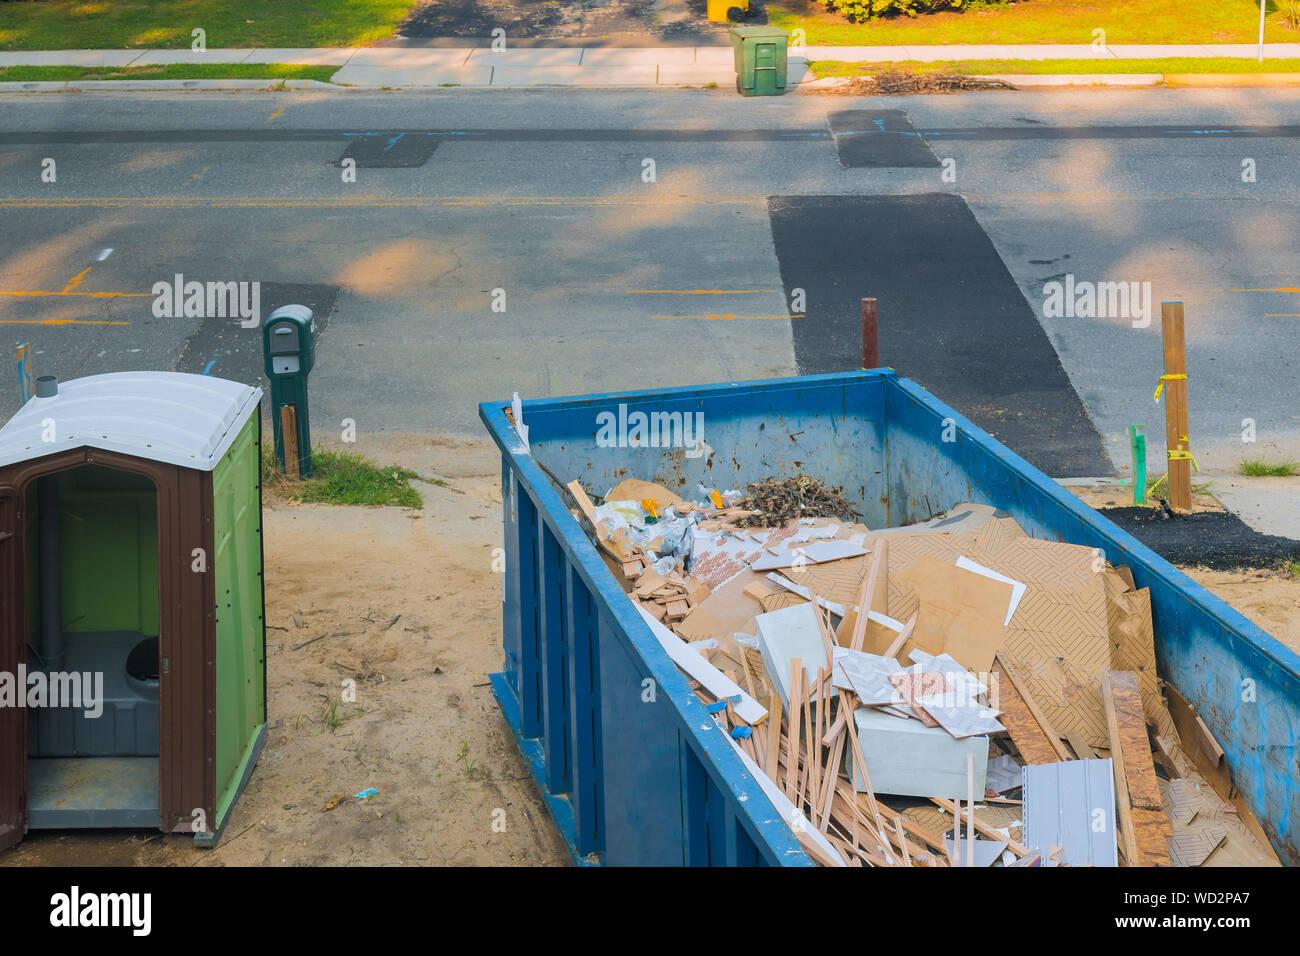 Banos Portatiles Para Casas.Remodelacion Construccion Construccion Azul Contenedor Lleno